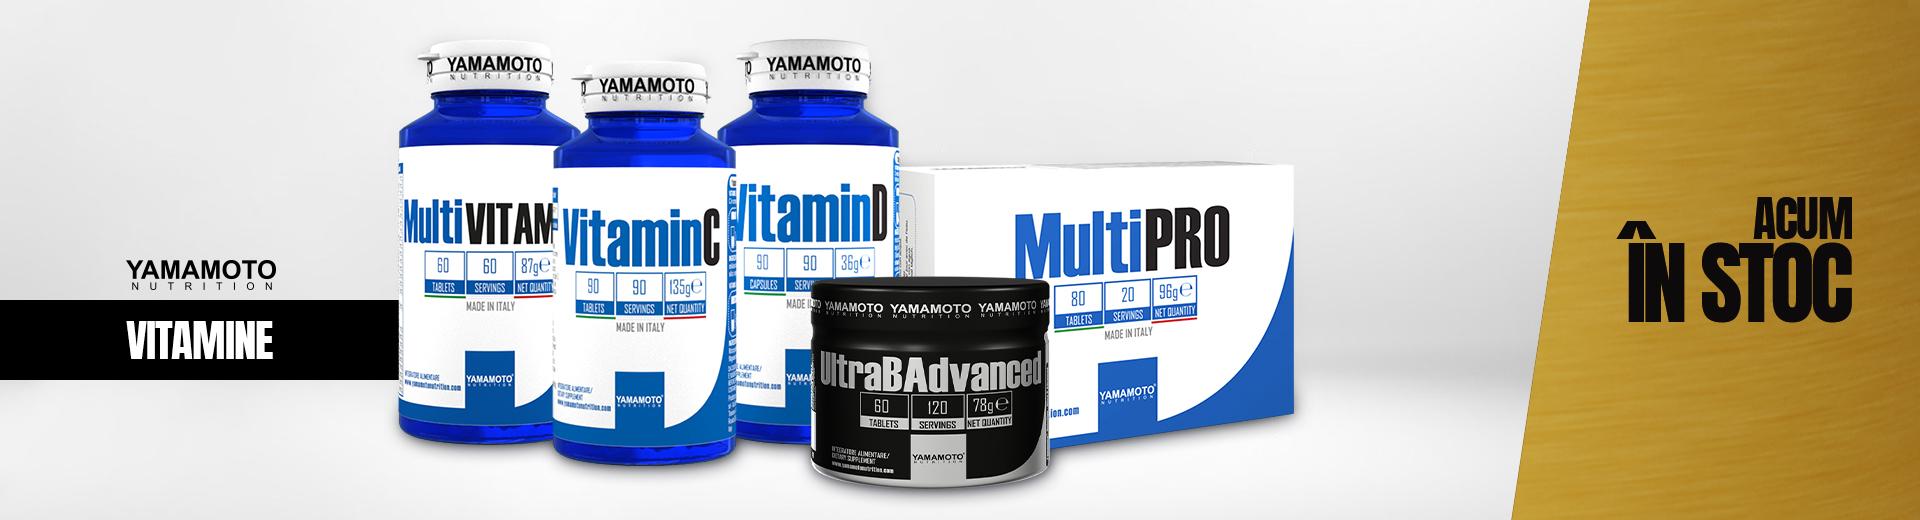 Alege vitaminele și mineralele Yamamoto Nutrition pentru o imunitate crescută!